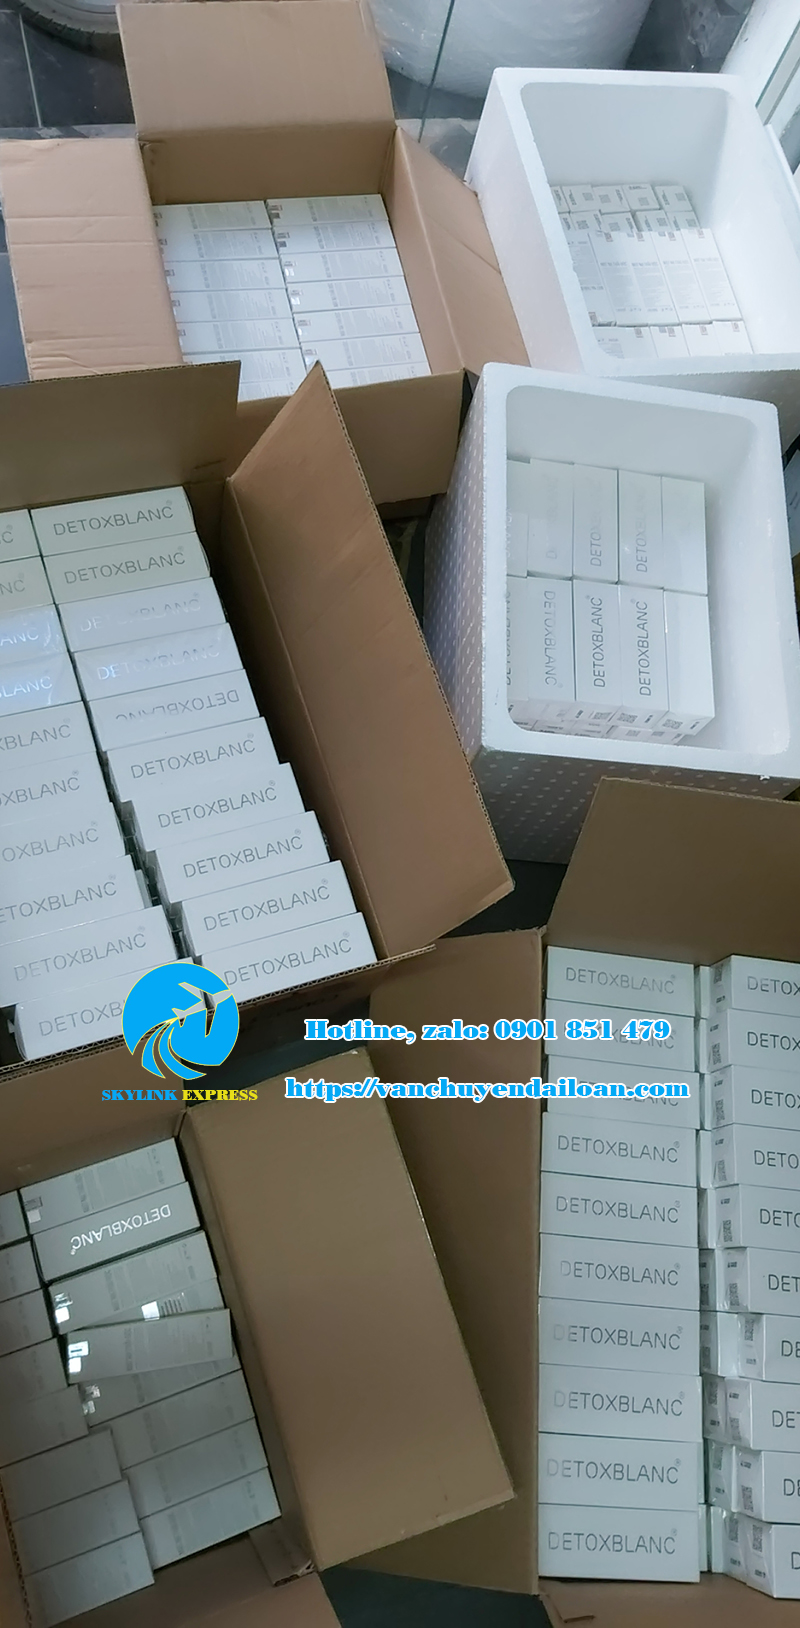 nhận gửi mỹ phẩm detoxblanc sang Đài Loan